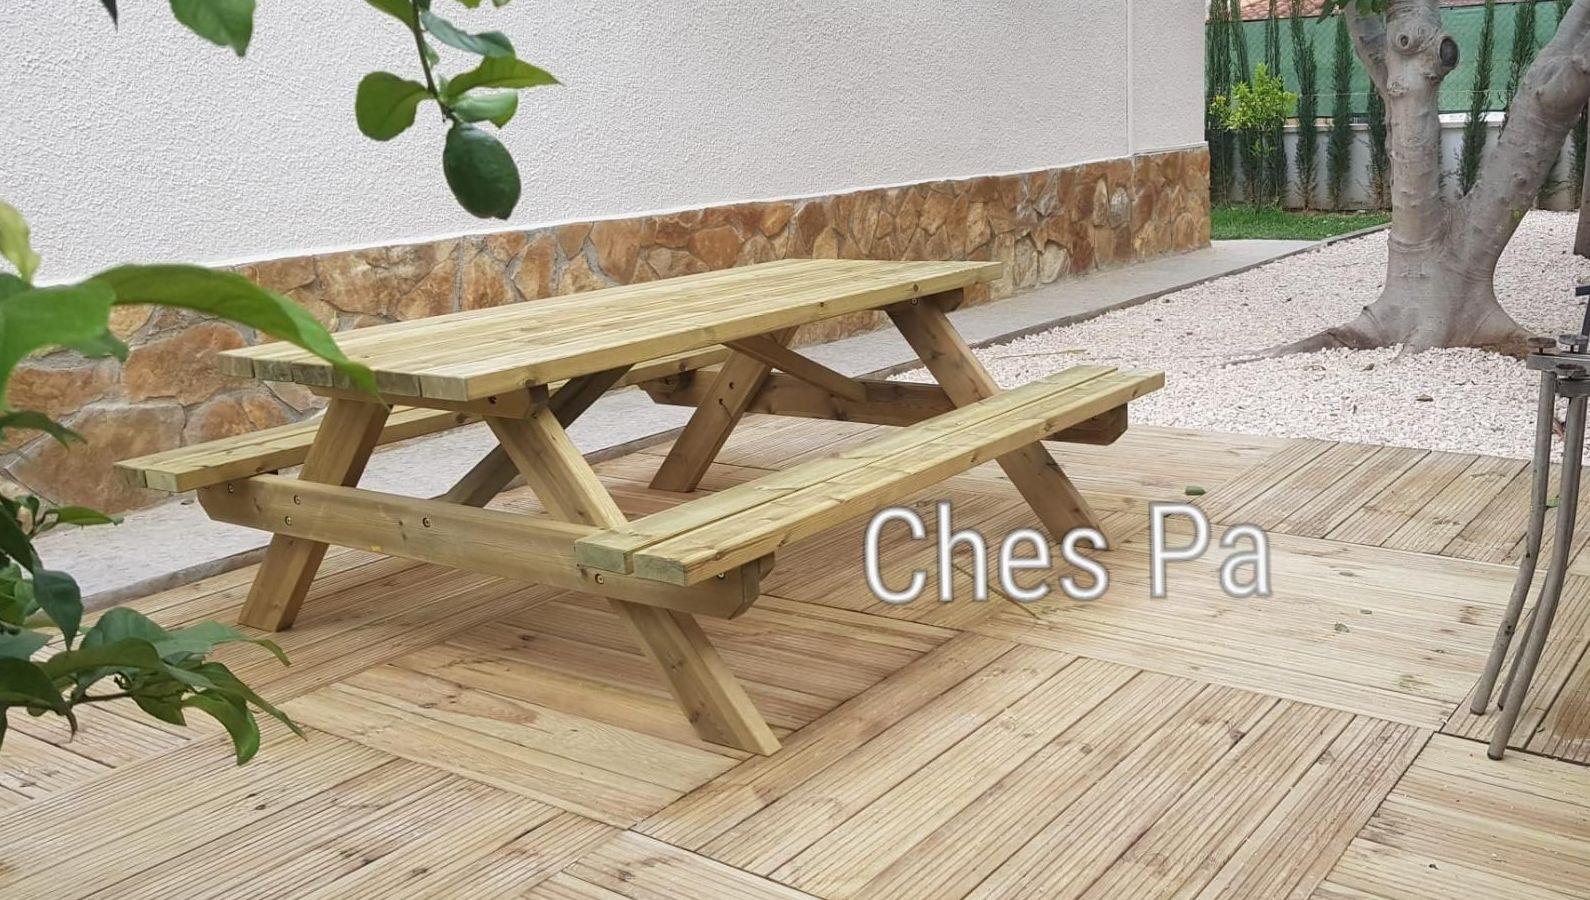 Disponemos de mesas picnic, suelos madera, jardineras y demás...